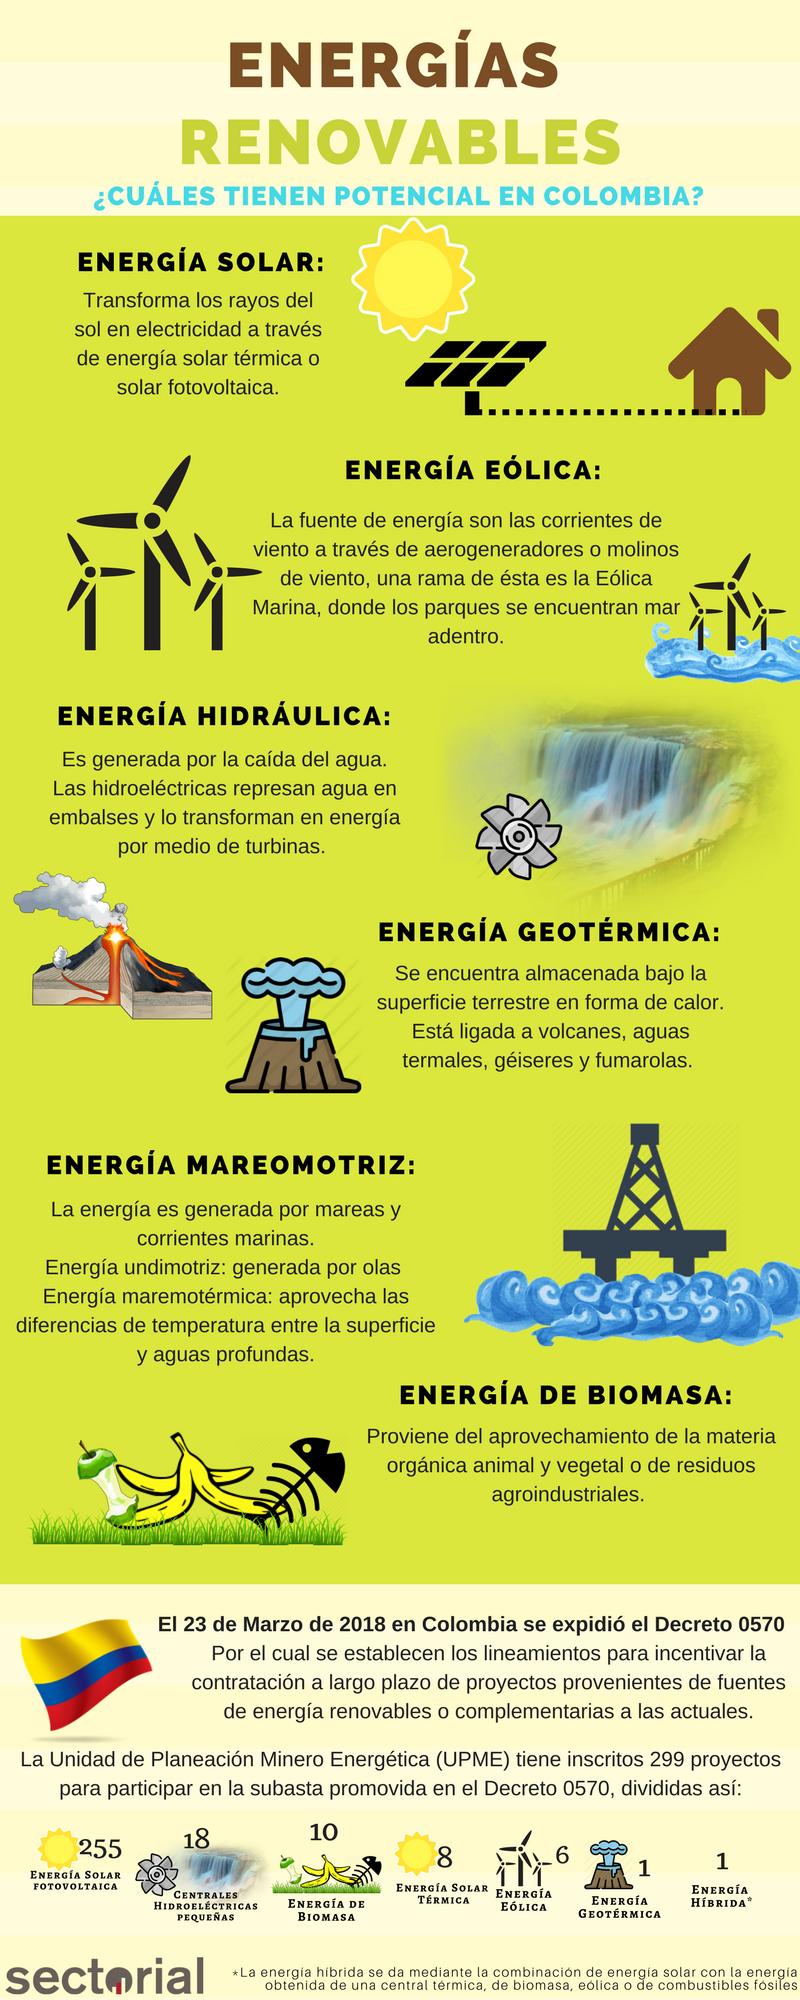 Energias Renovables Cuales Tienen Potencial En Colombia Infografia Energia Renovable Energia Eolica Fuentes De Energia